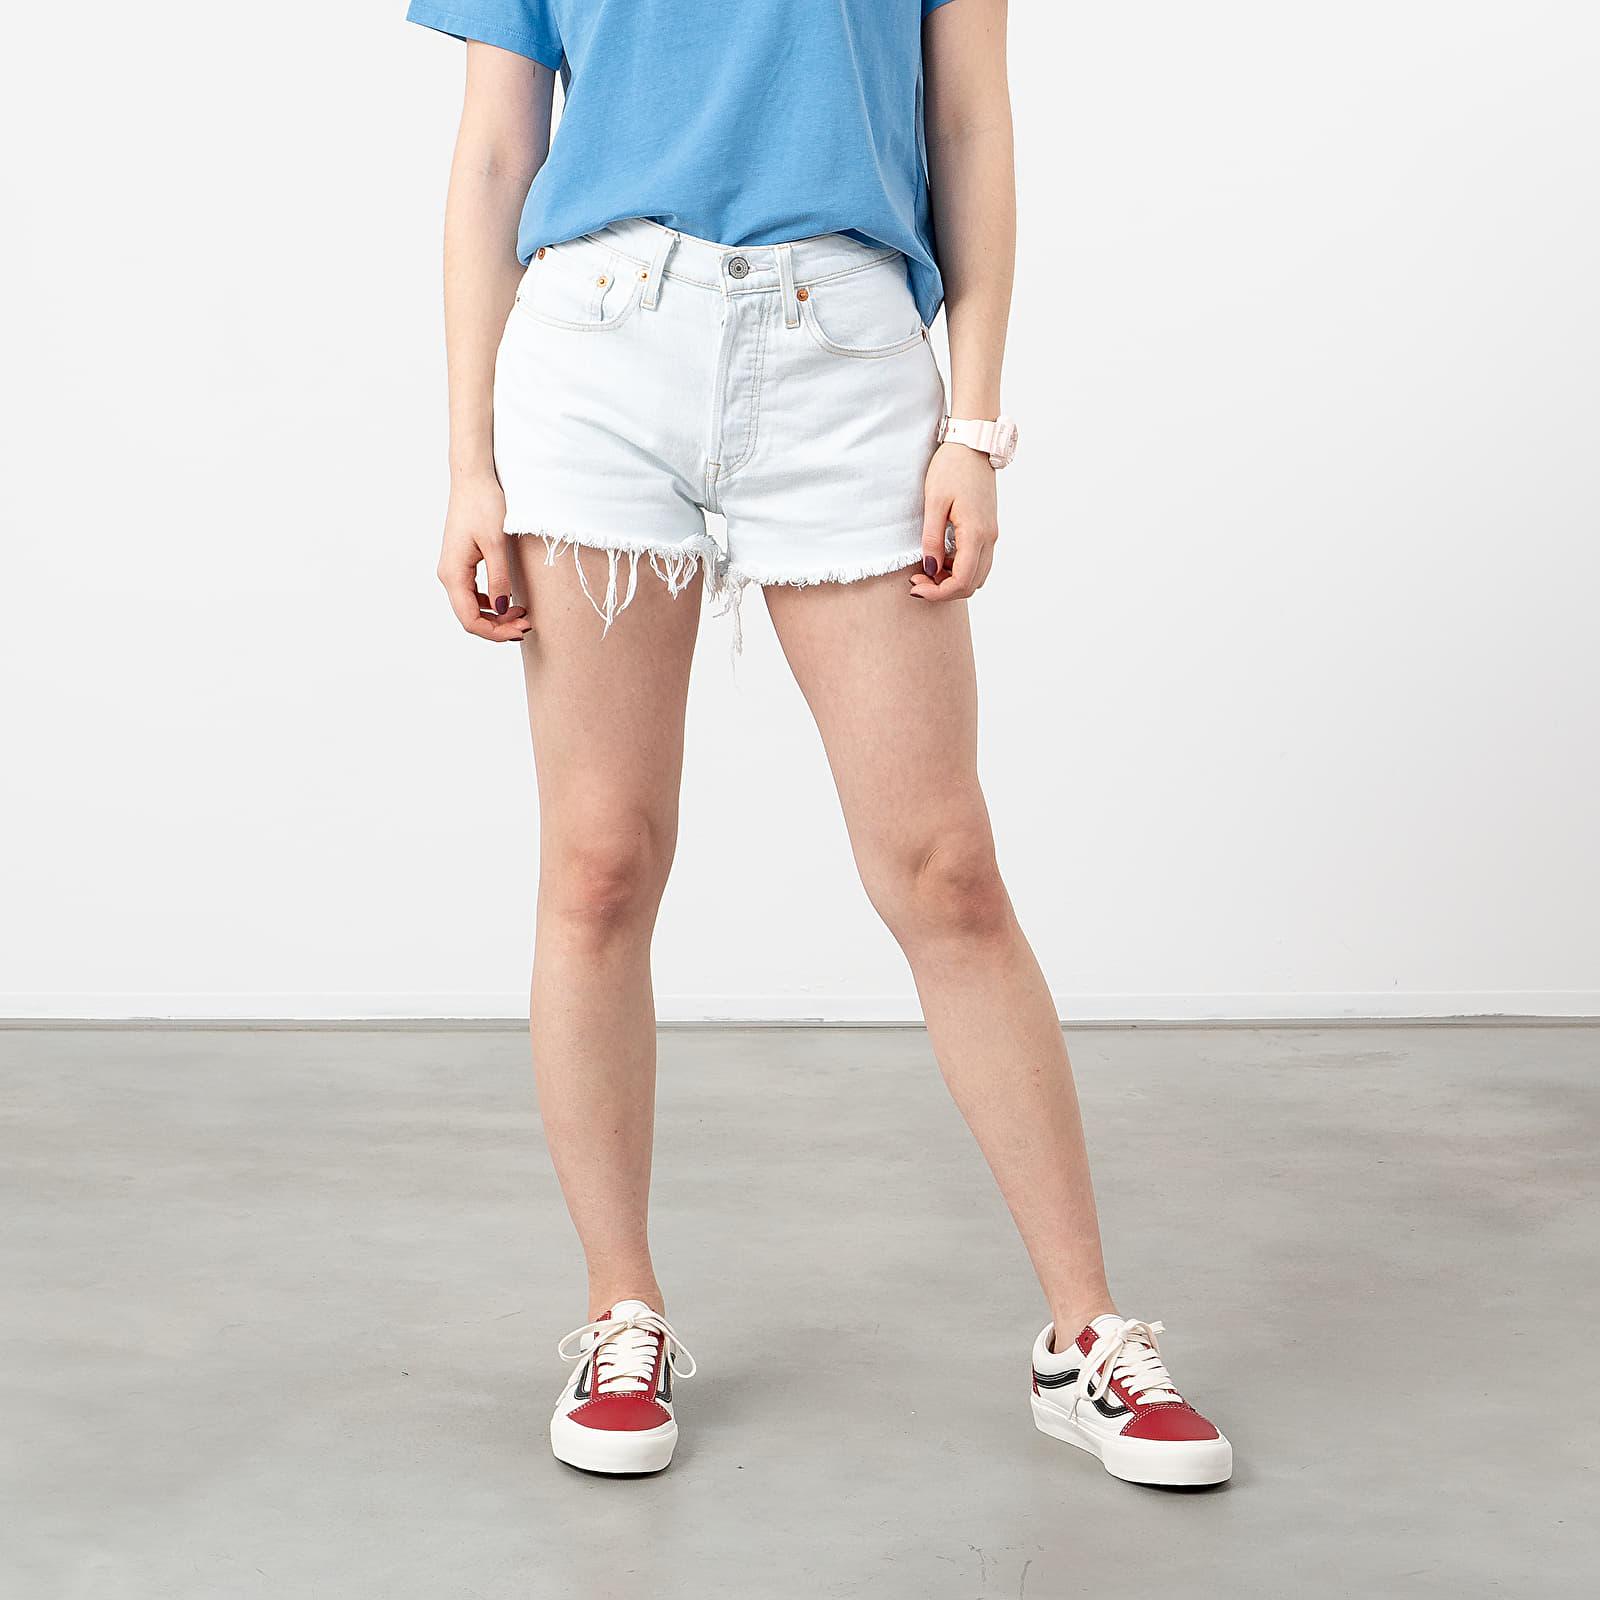 Shorts Levi's® 501 Shorts Light Blue